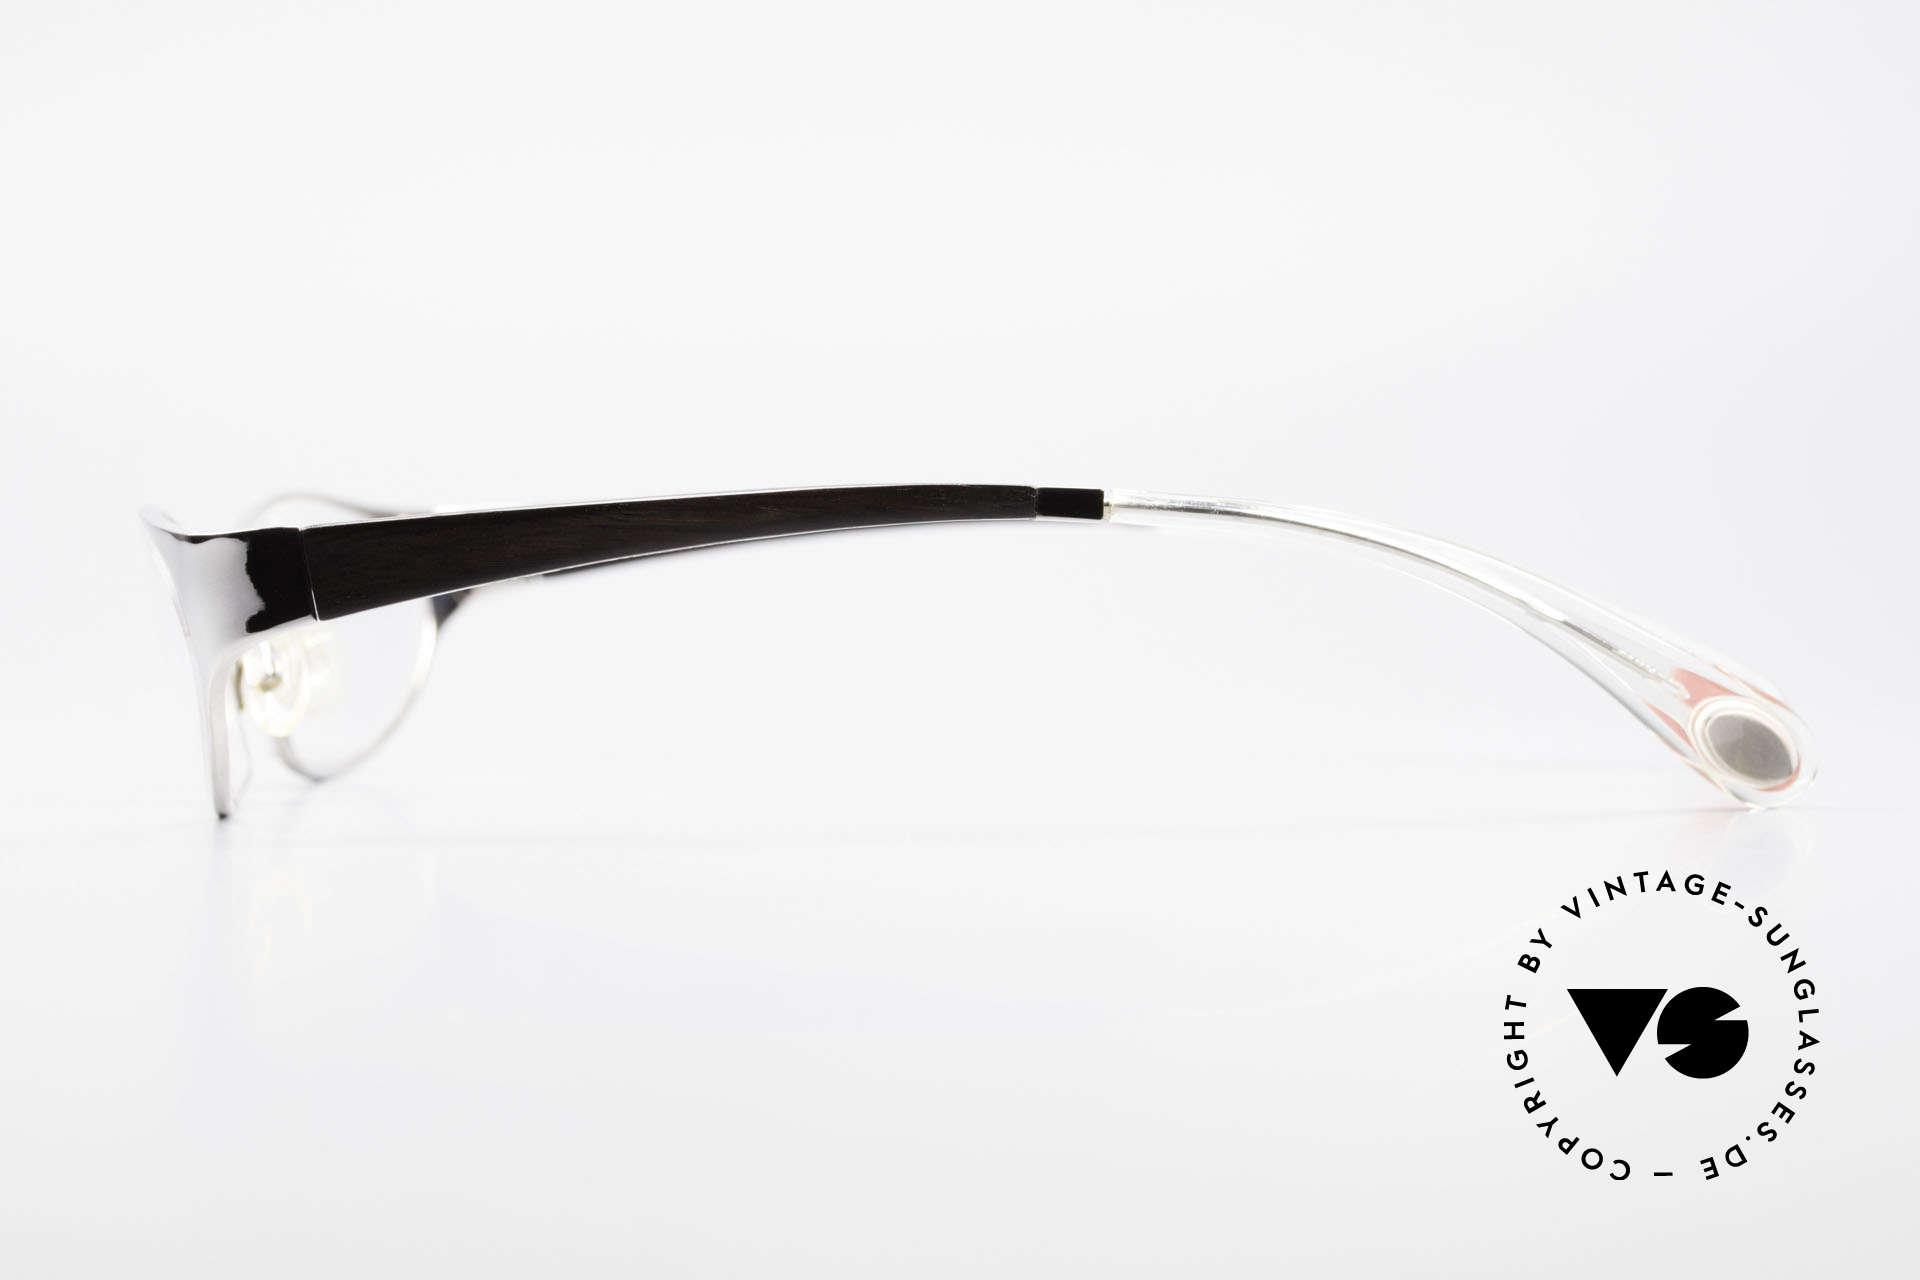 Bugatti 373 Odotype Ebenholz Brille Mosambik 22kt, spezielle Glaseinfassung und 22kt Weissgold, Passend für Herren